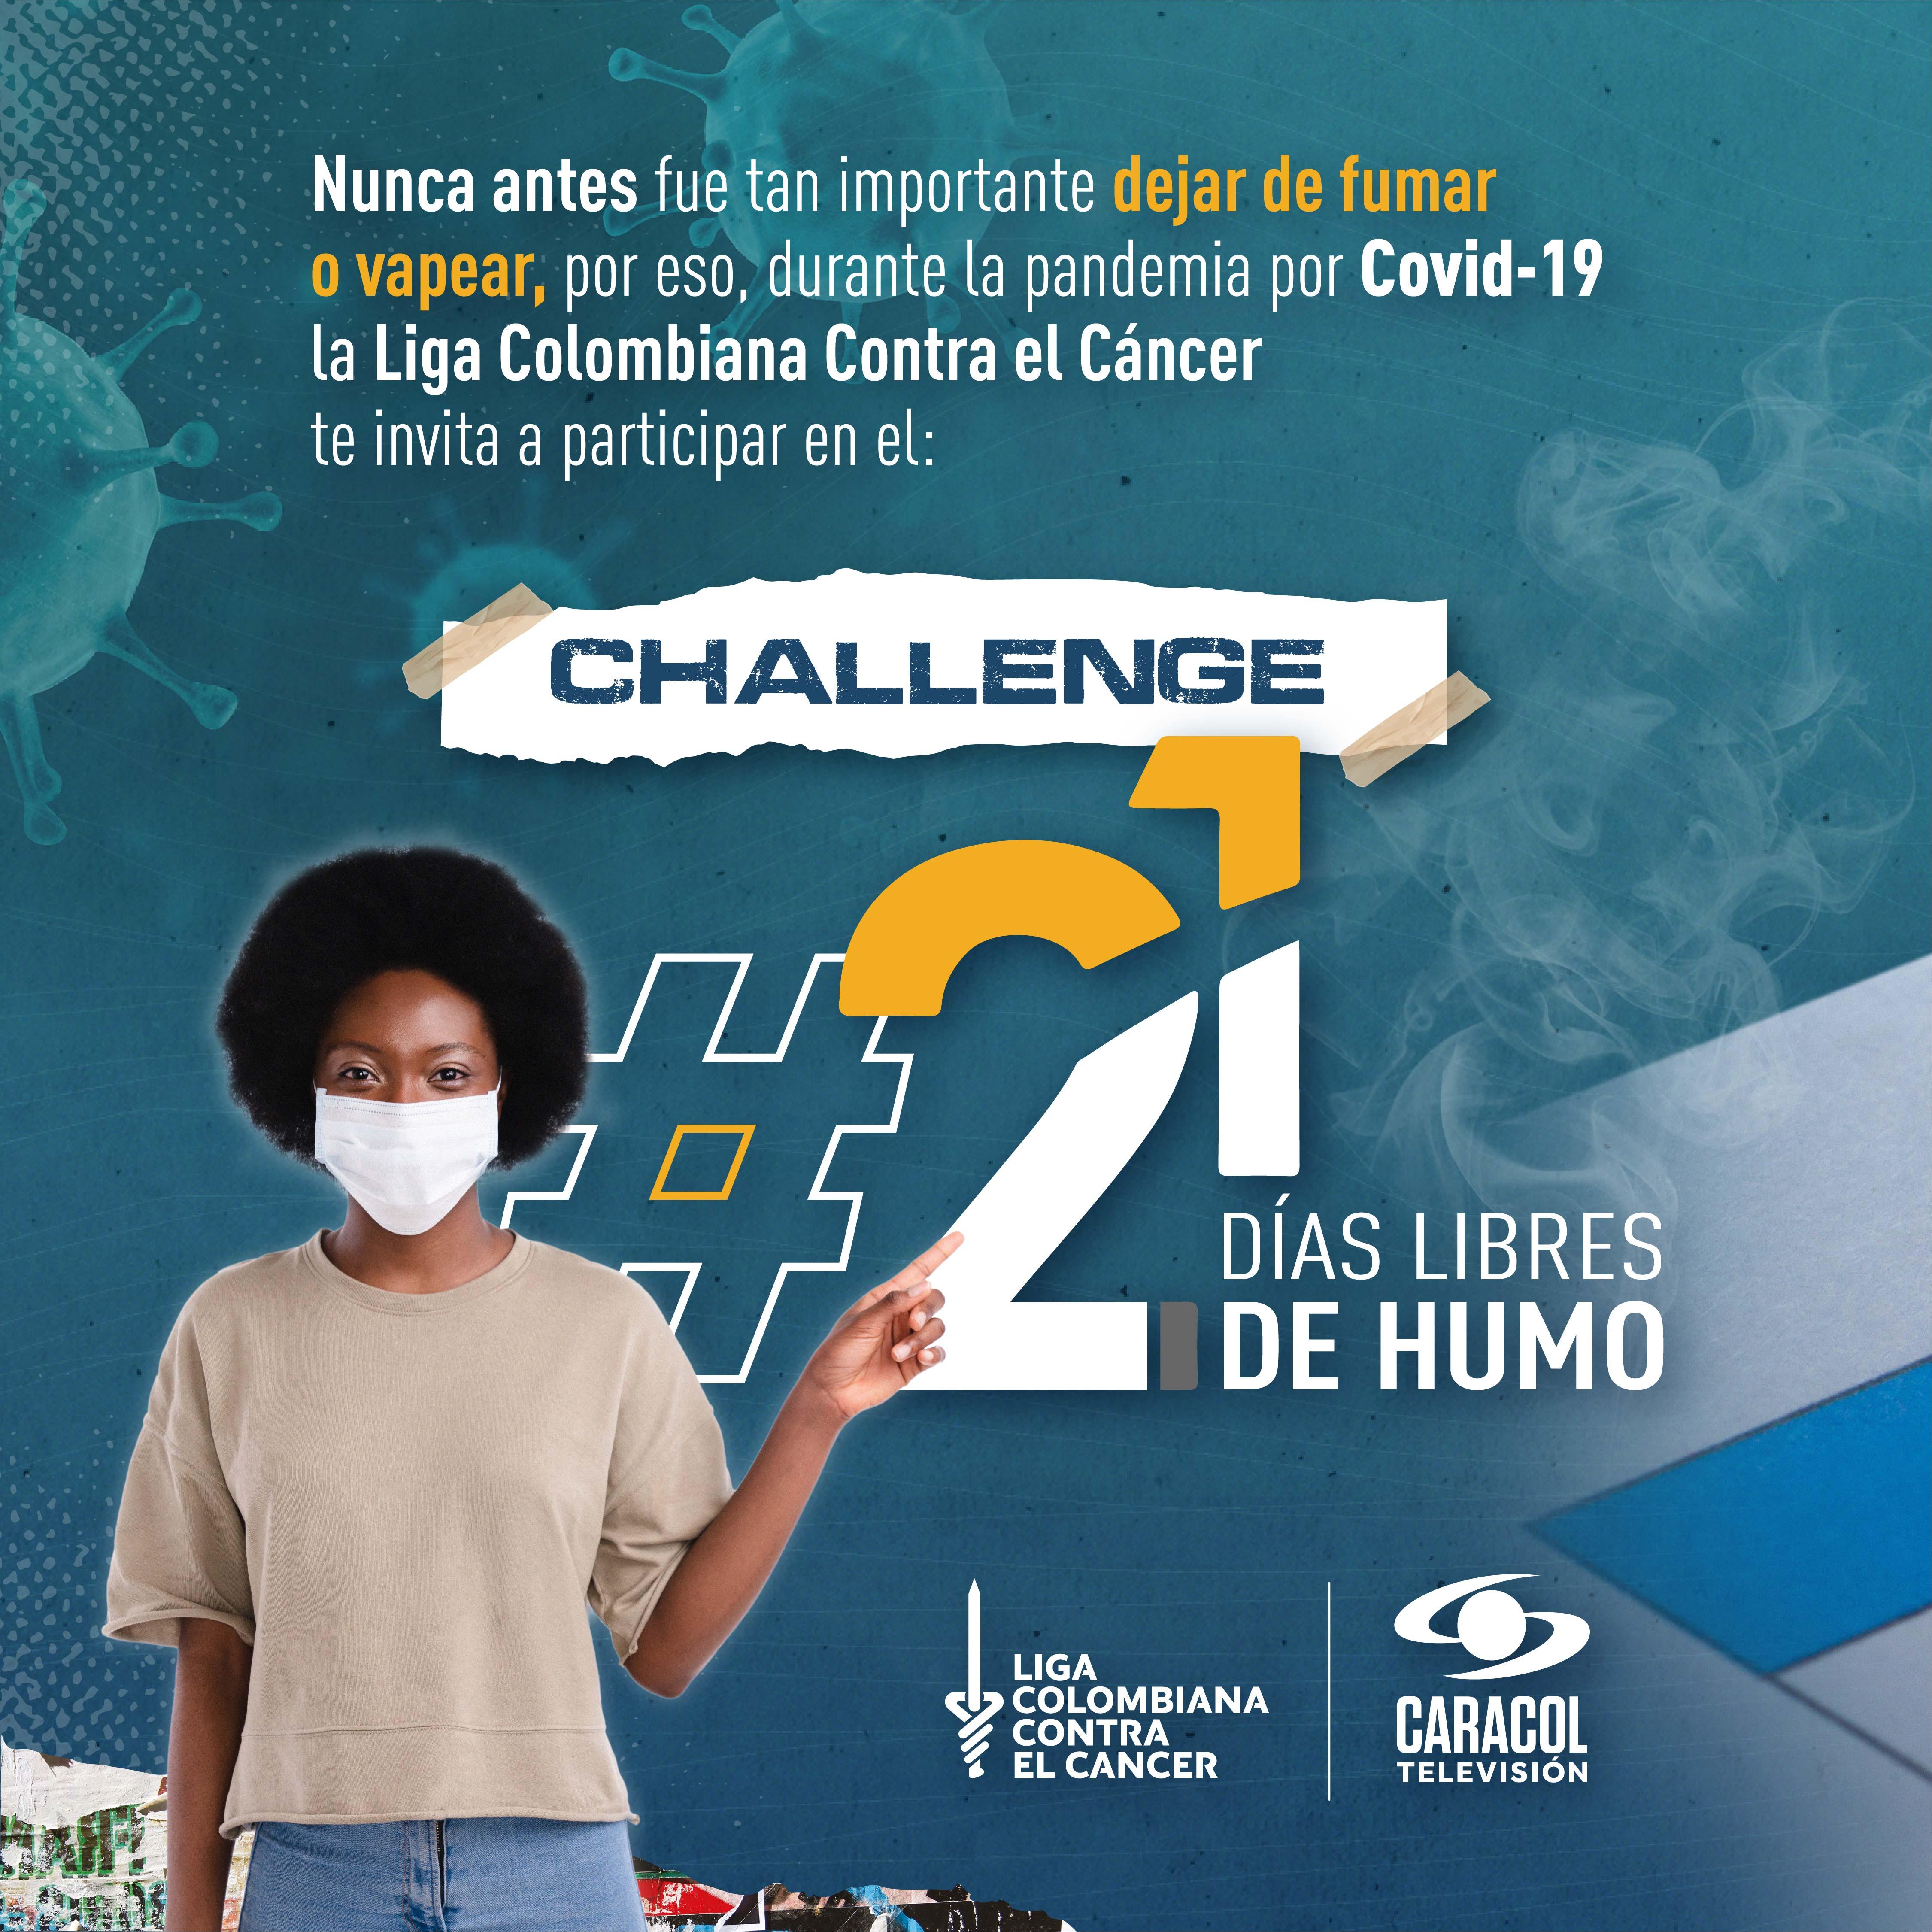 '21 días libres de humo' con Caracol Televisión y la Liga Colombiana Contra el Cáncer